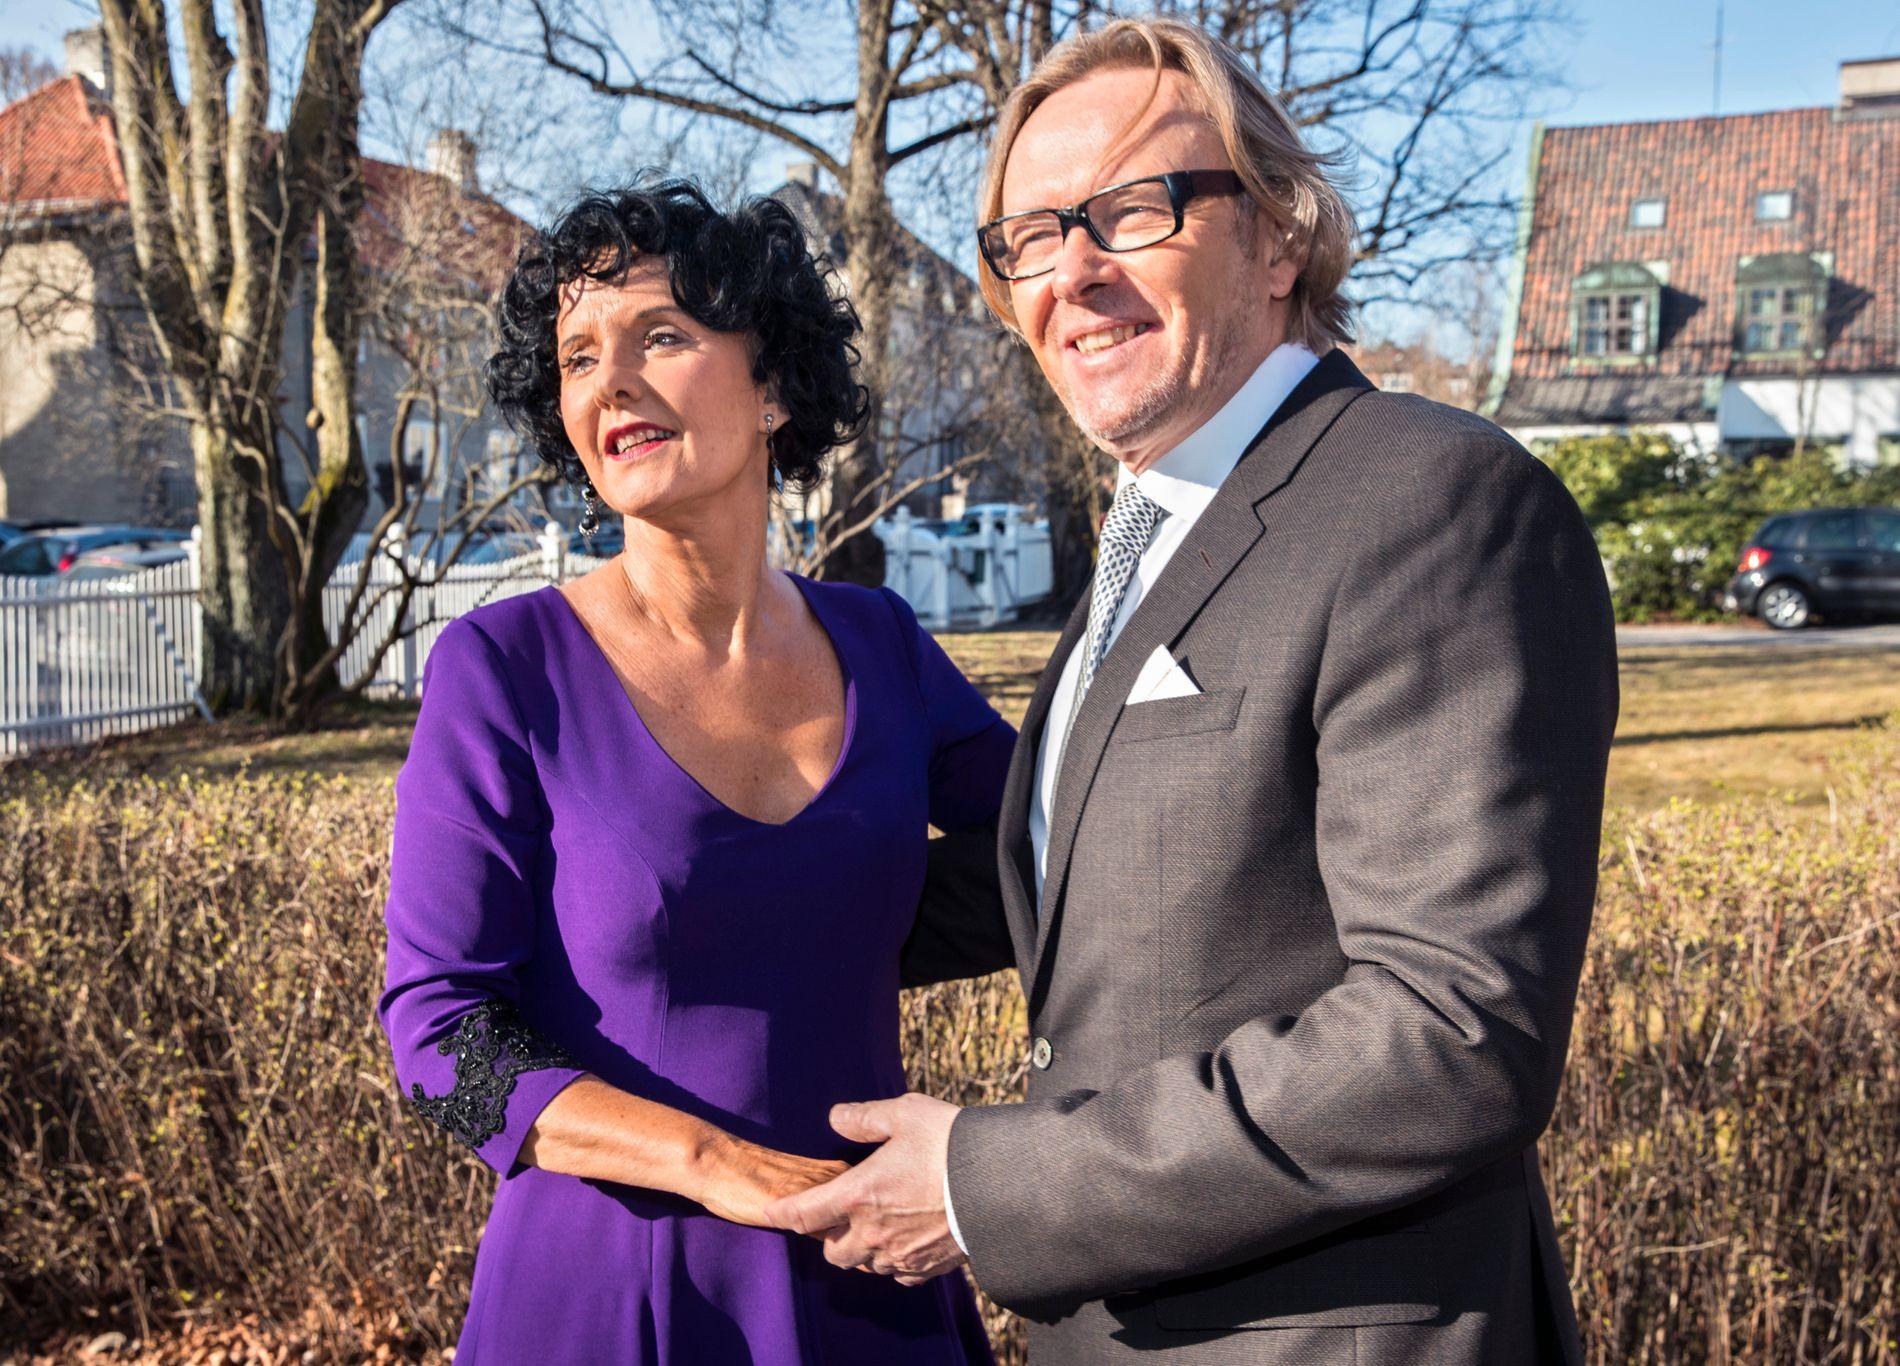 SAMMEN I 43 ÅR: Unni og ektemannen Per Christian Garnæs. – Jeg føler vi har vært sammen hele livet, sier han.